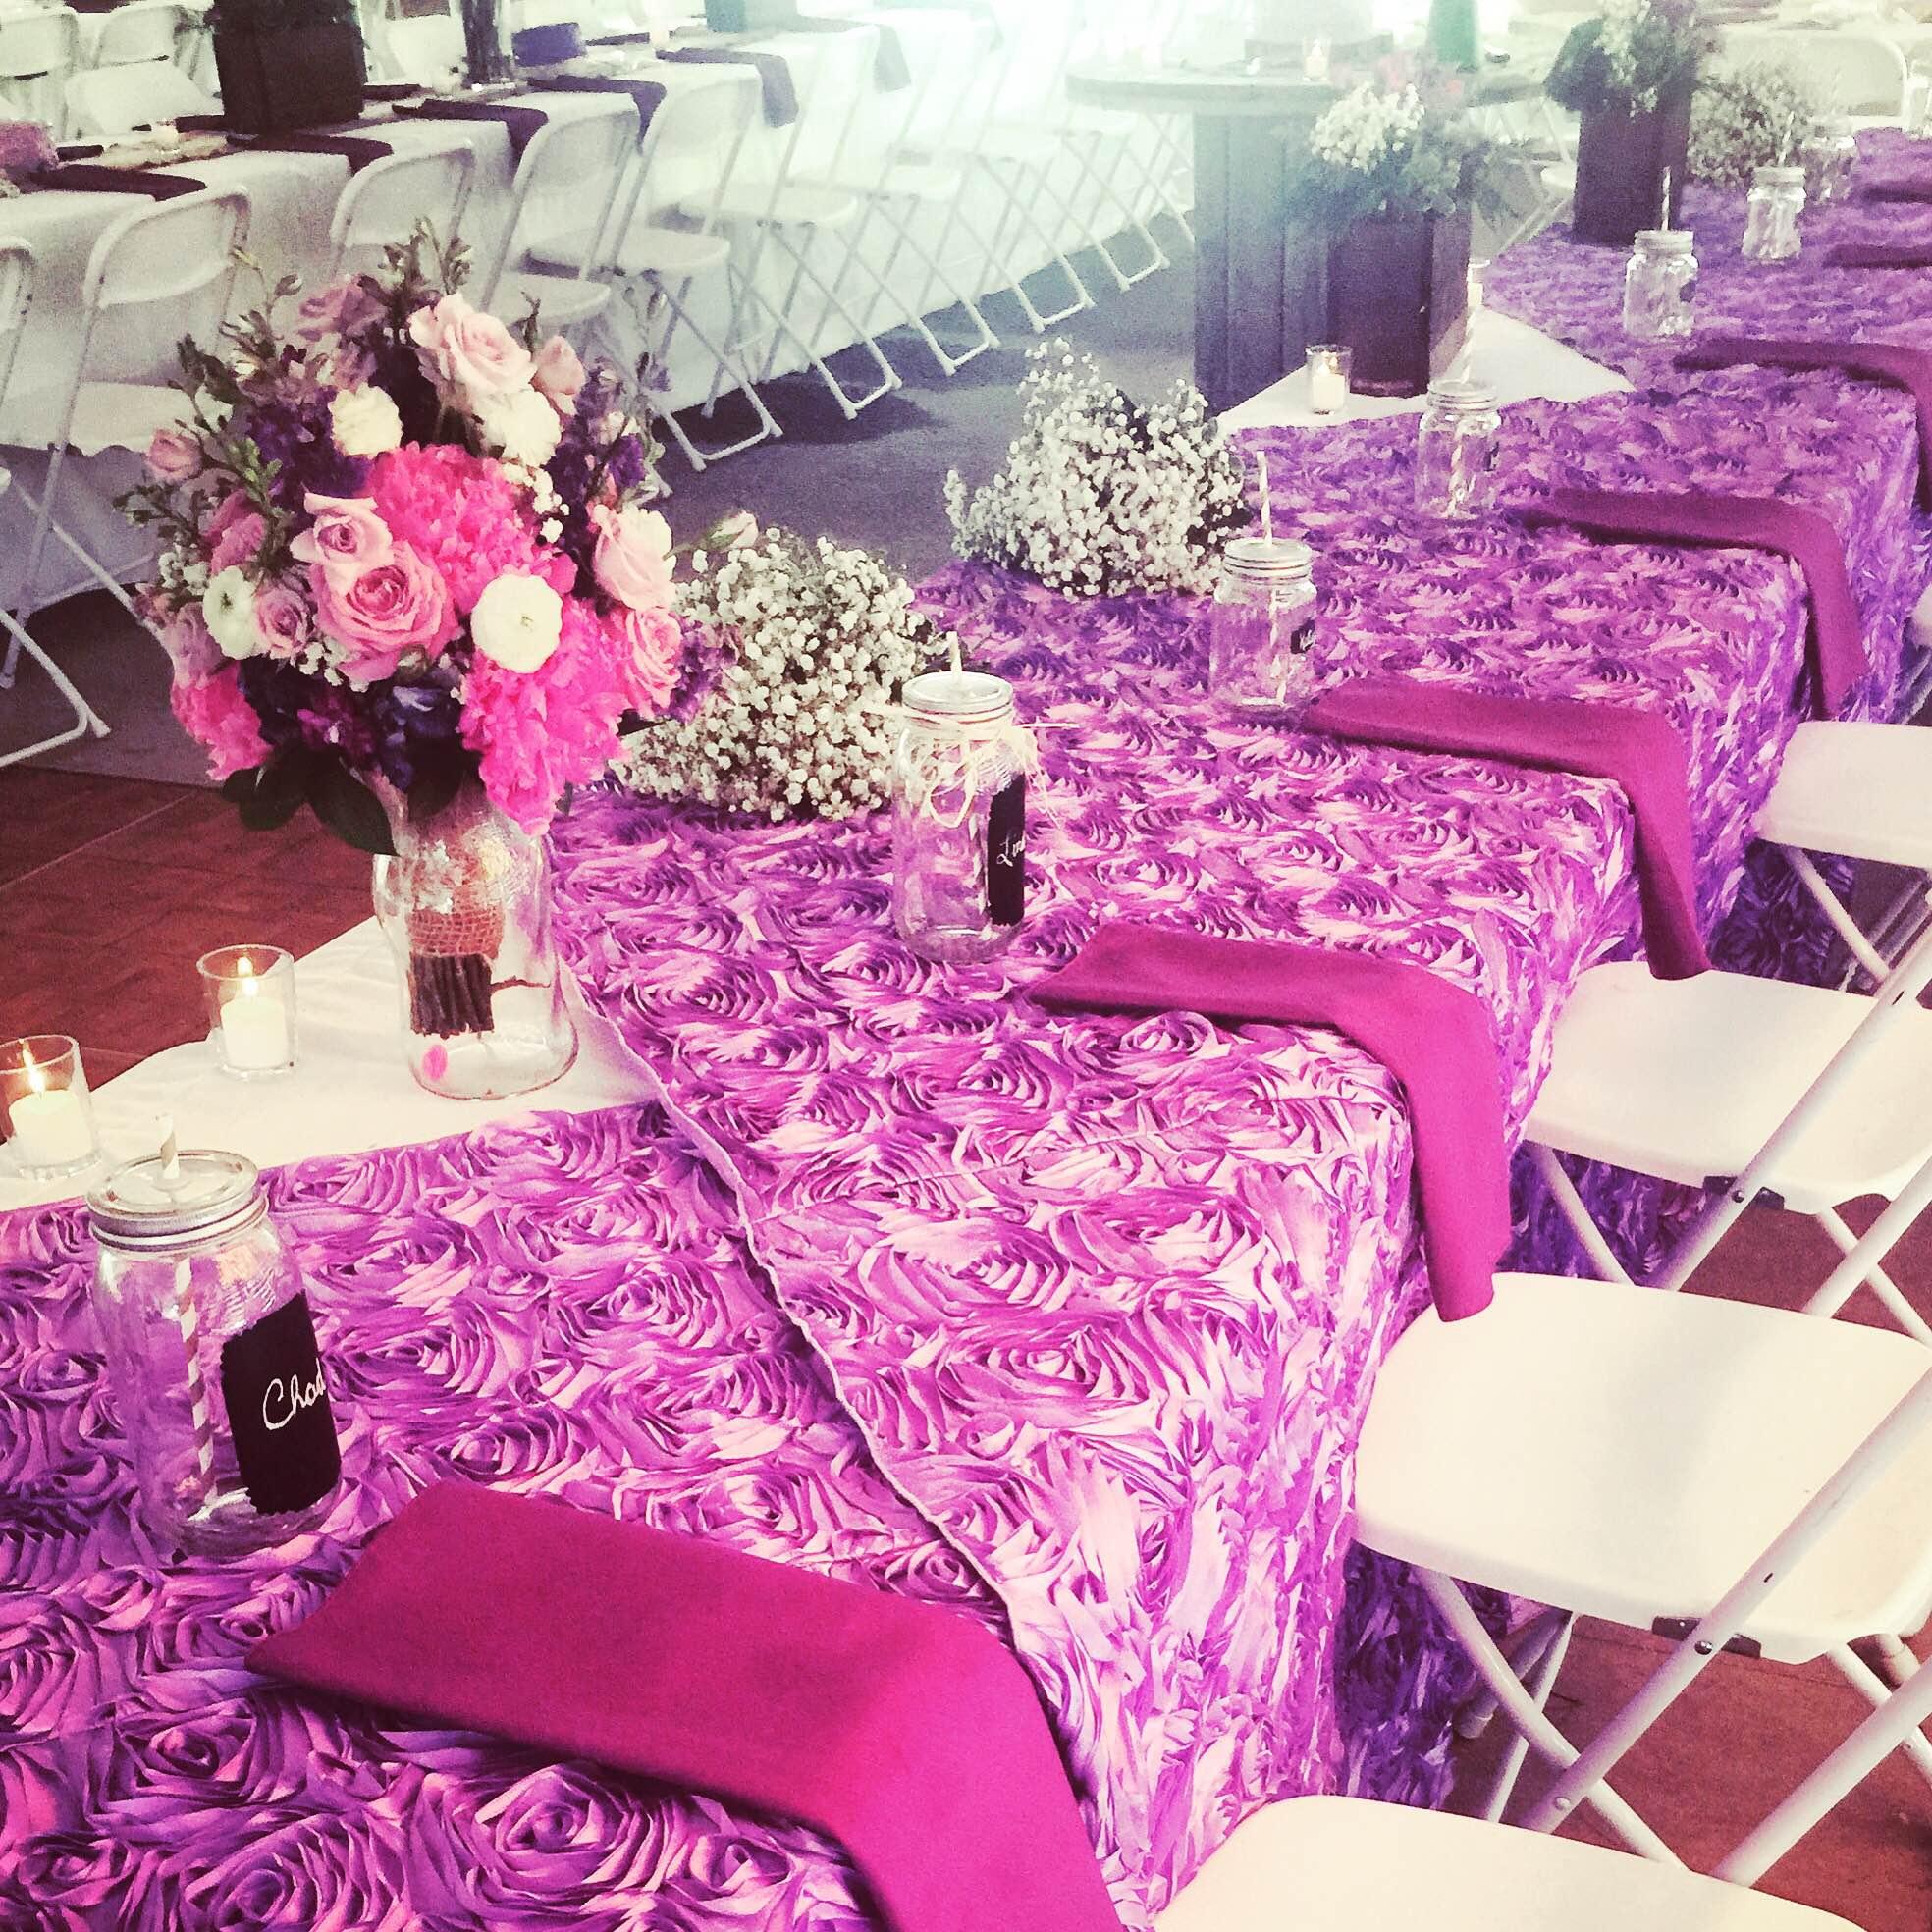 Wedding head table table linens and decor jpg